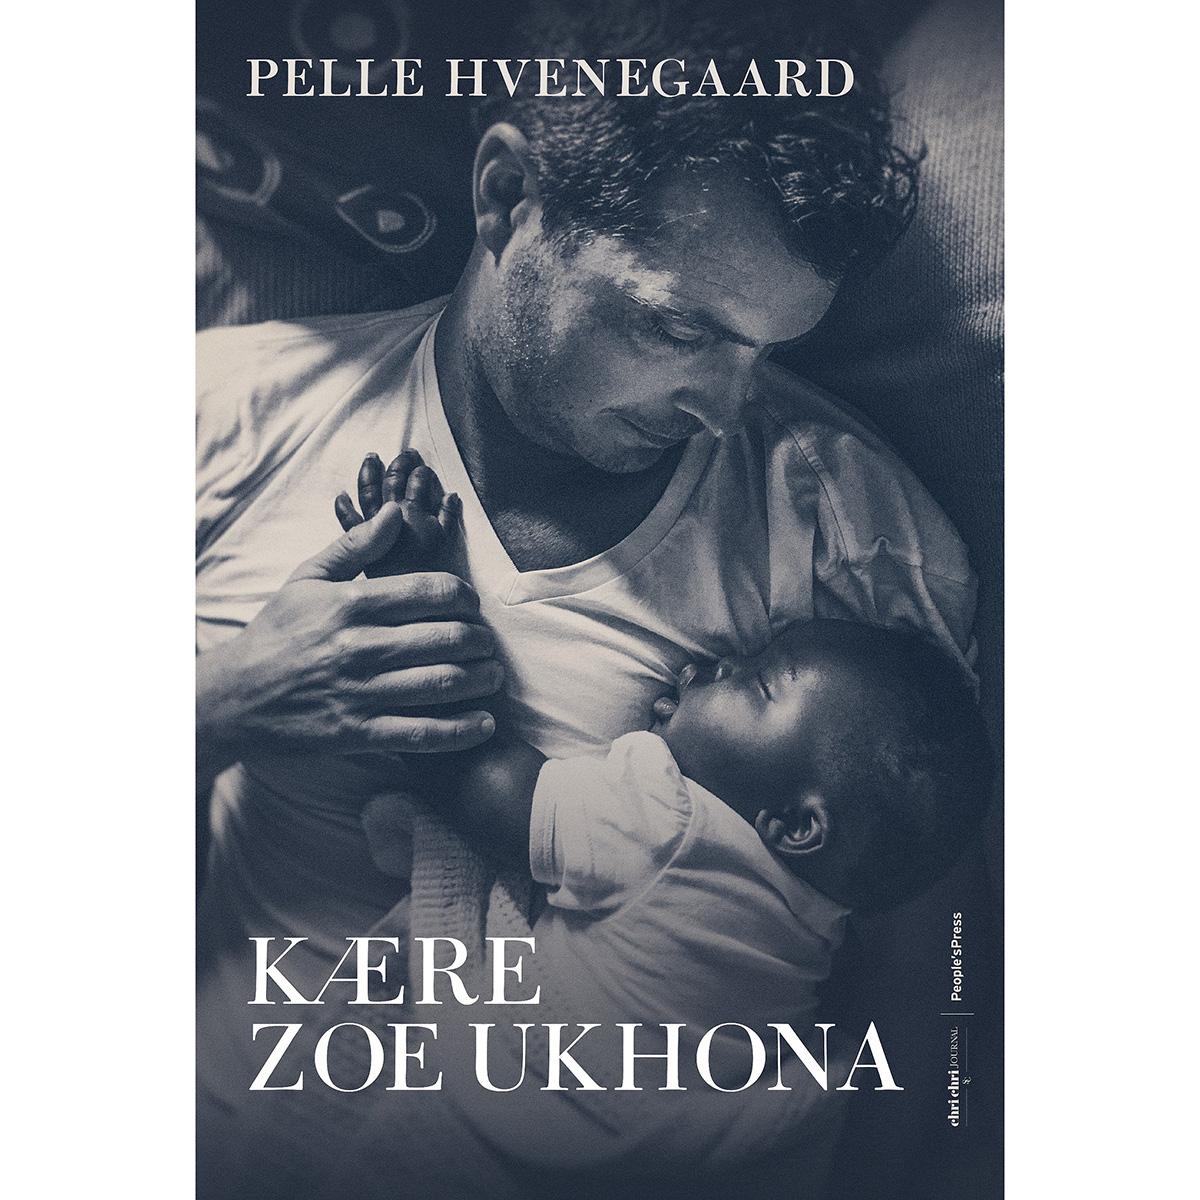 Kære Zoe Ukhona - Hæftet